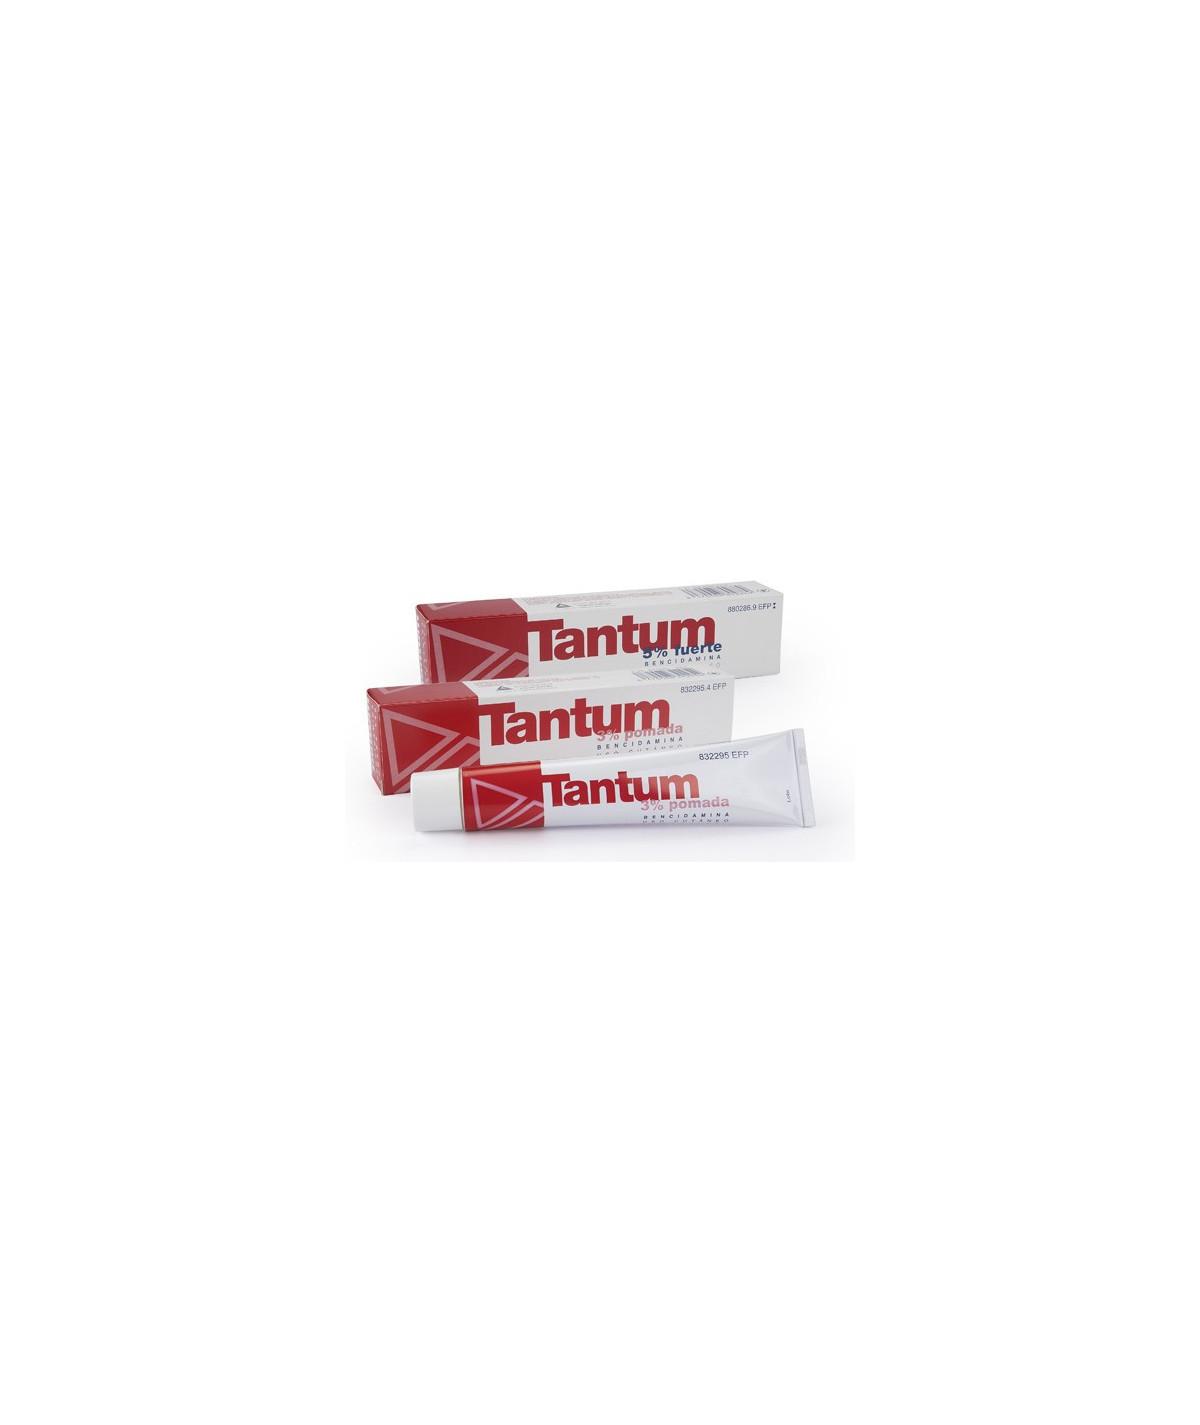 Platinum ORAL CLEAN GEL CLASSIC FORTE 120 ml